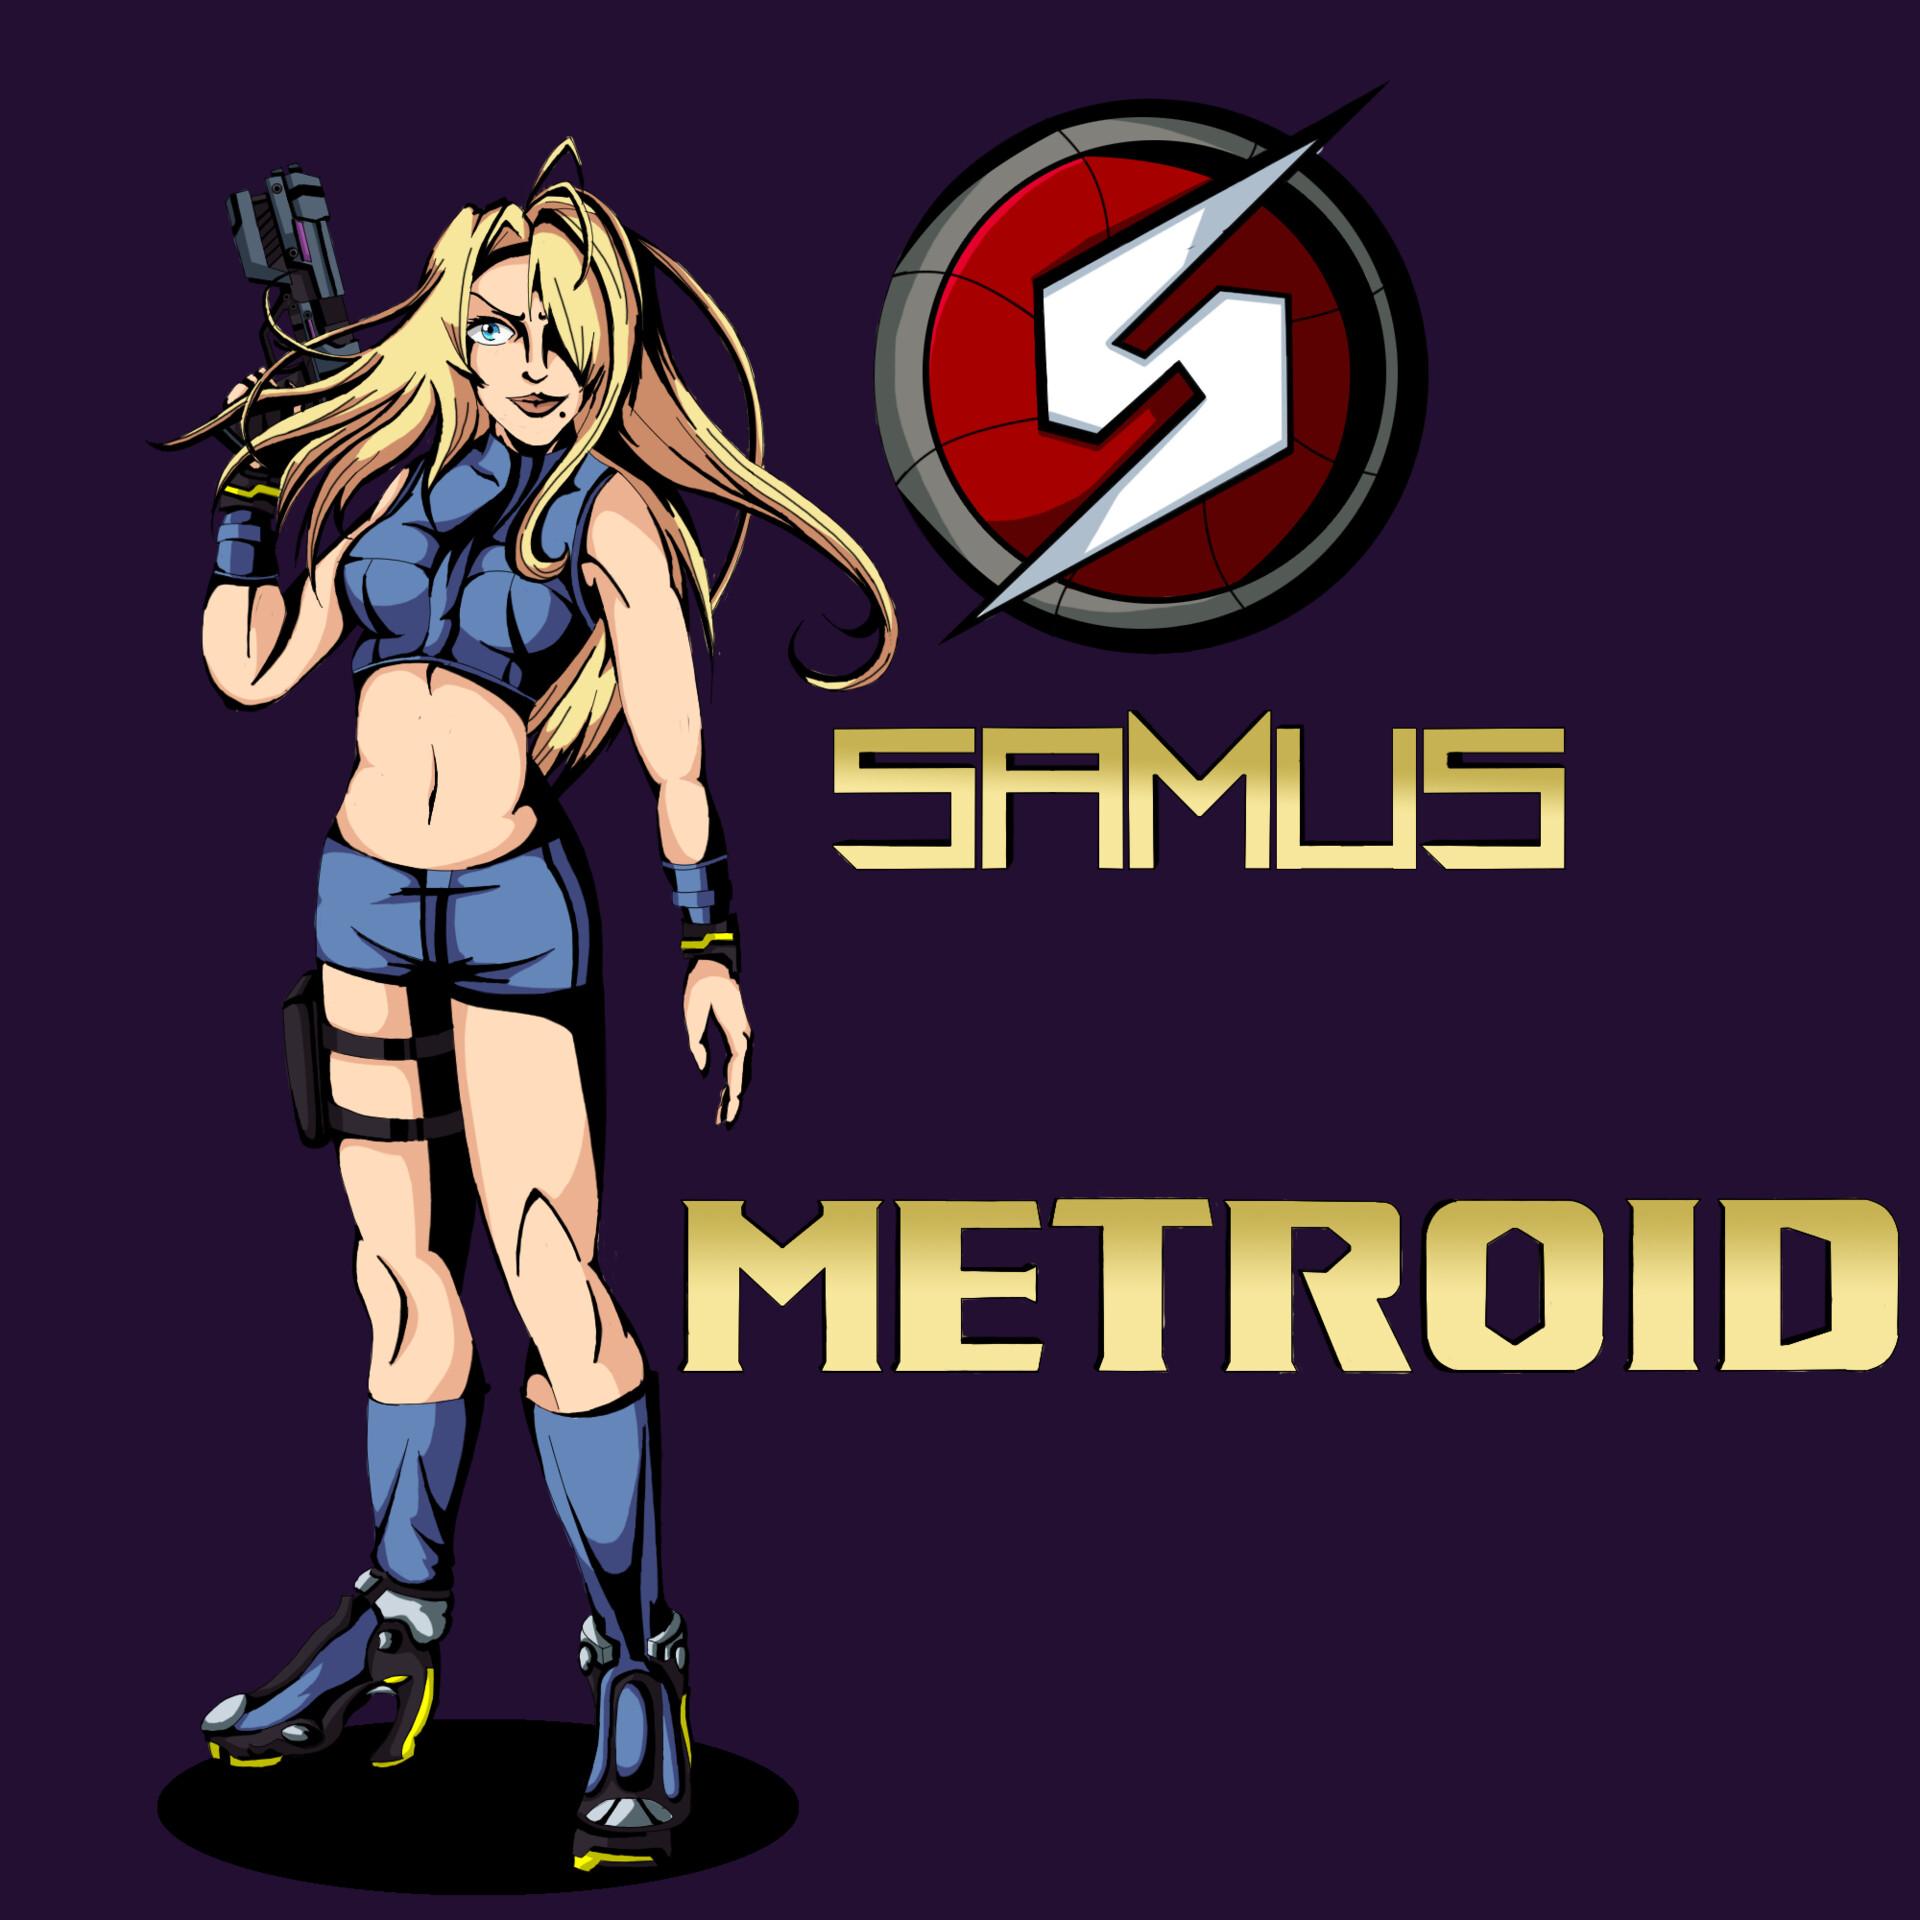 Jack Brown Metroid Samus Aran Zero Suit